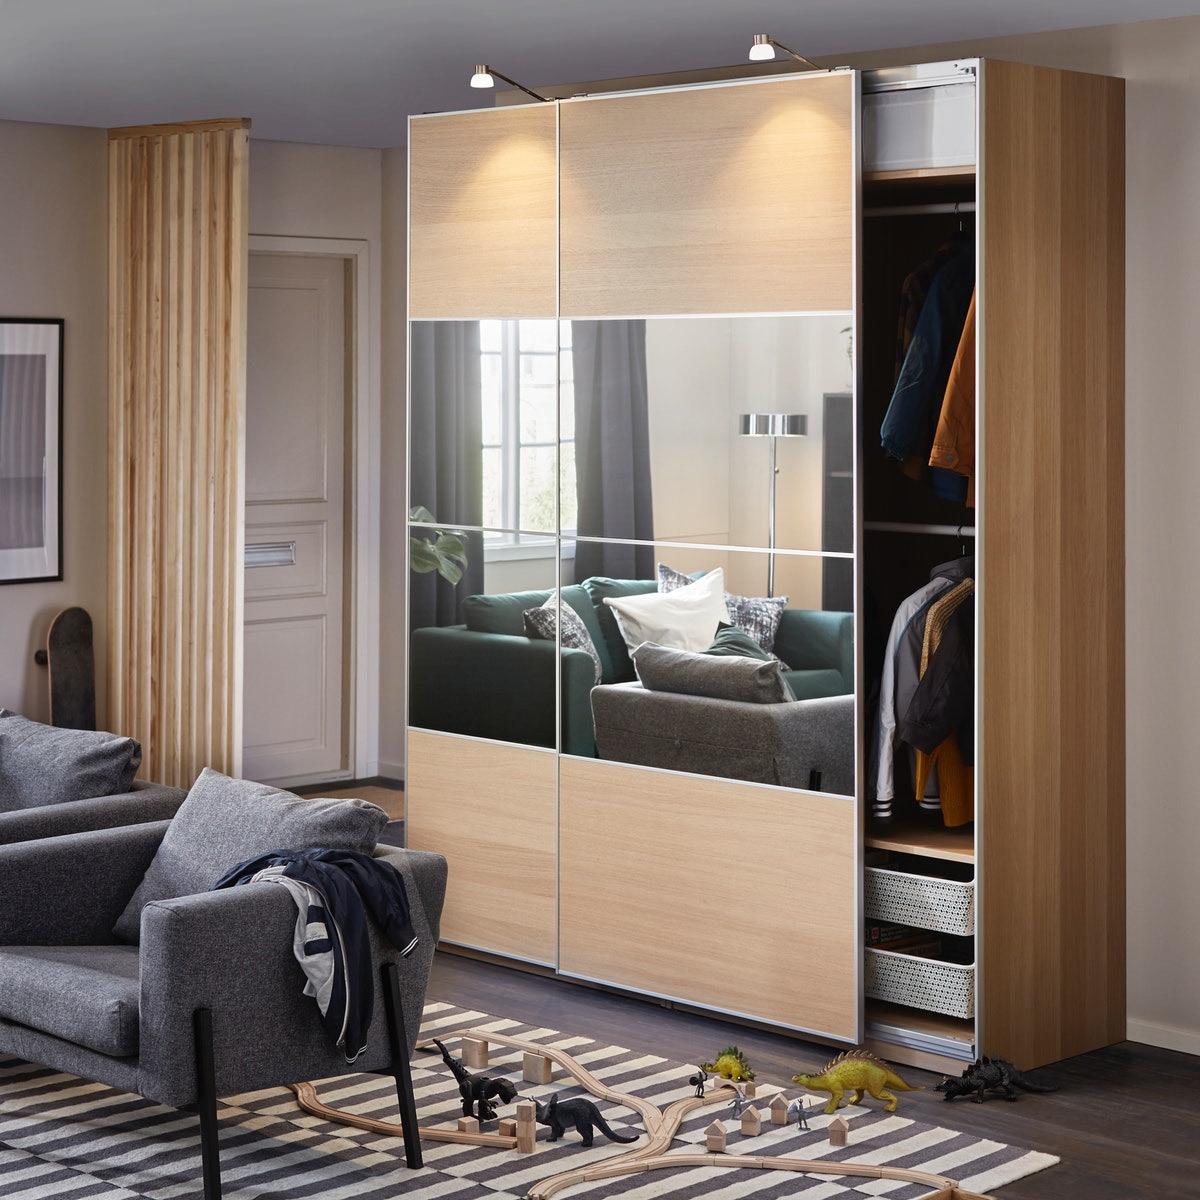 Ikea Pax Zubehör : pax kombinationen mit schiebet ren im planer ikea sterreich ~ Aude.kayakingforconservation.com Haus und Dekorationen